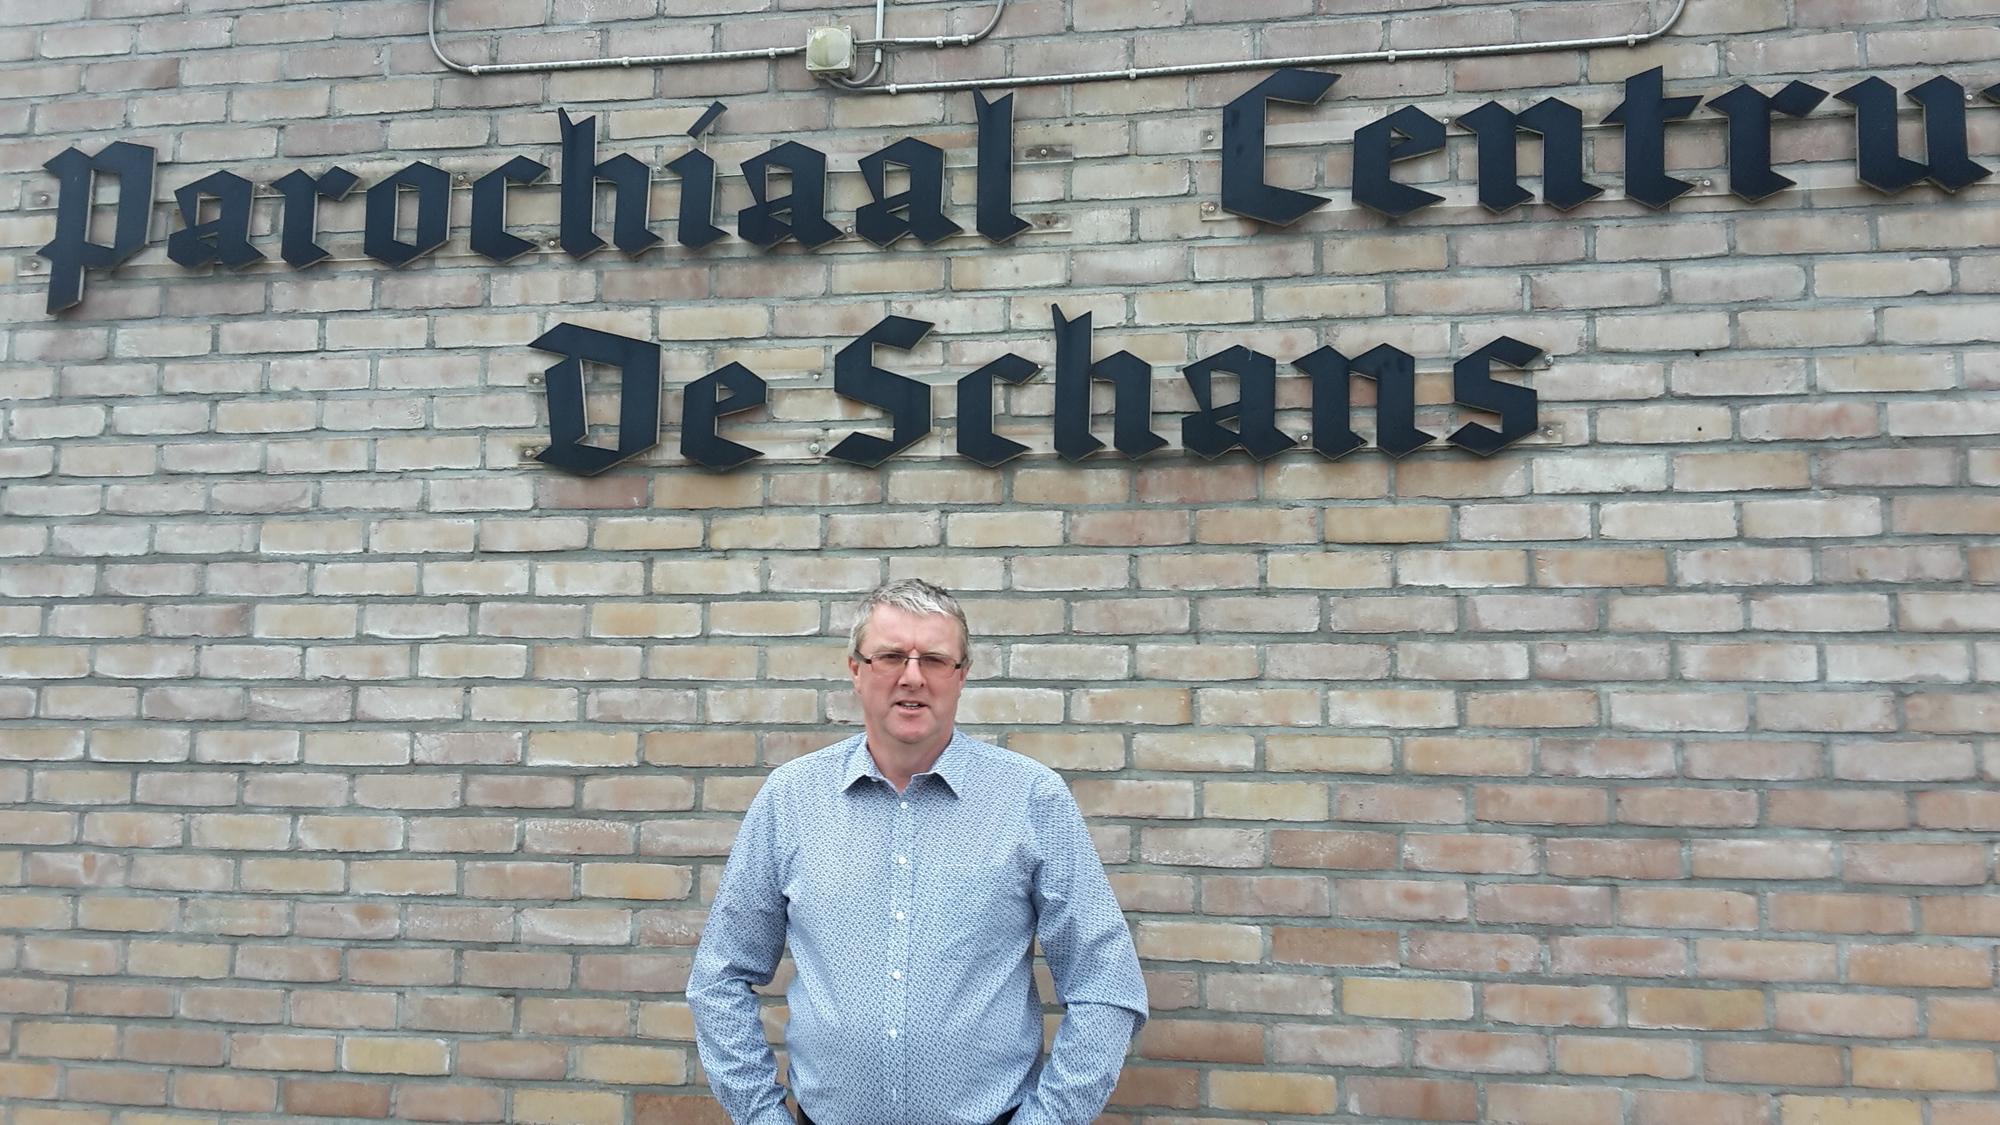 Erik Schoofs